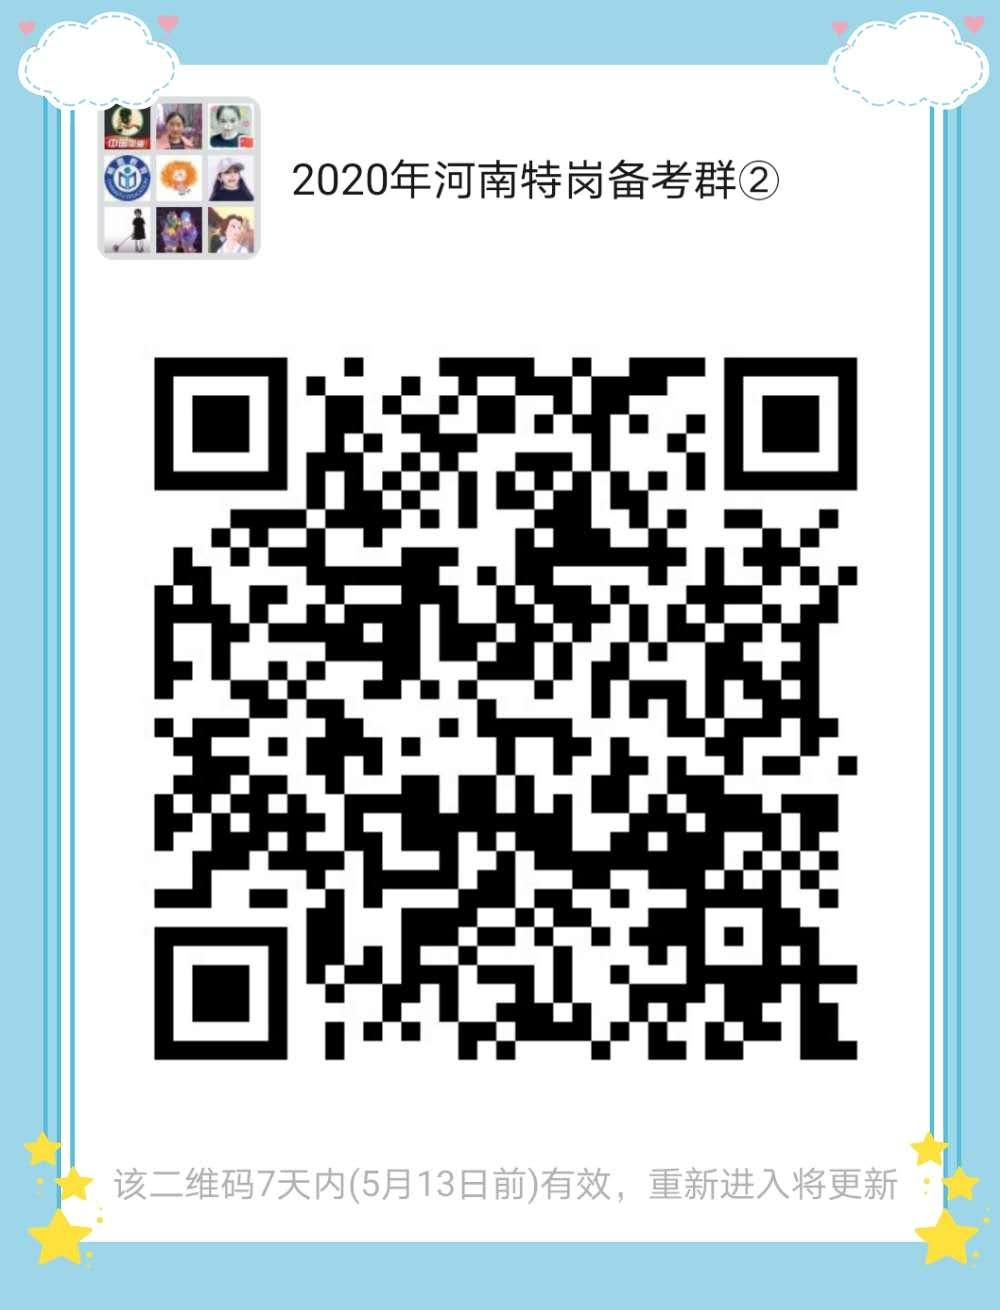 微信图片_20200506165000.jpg